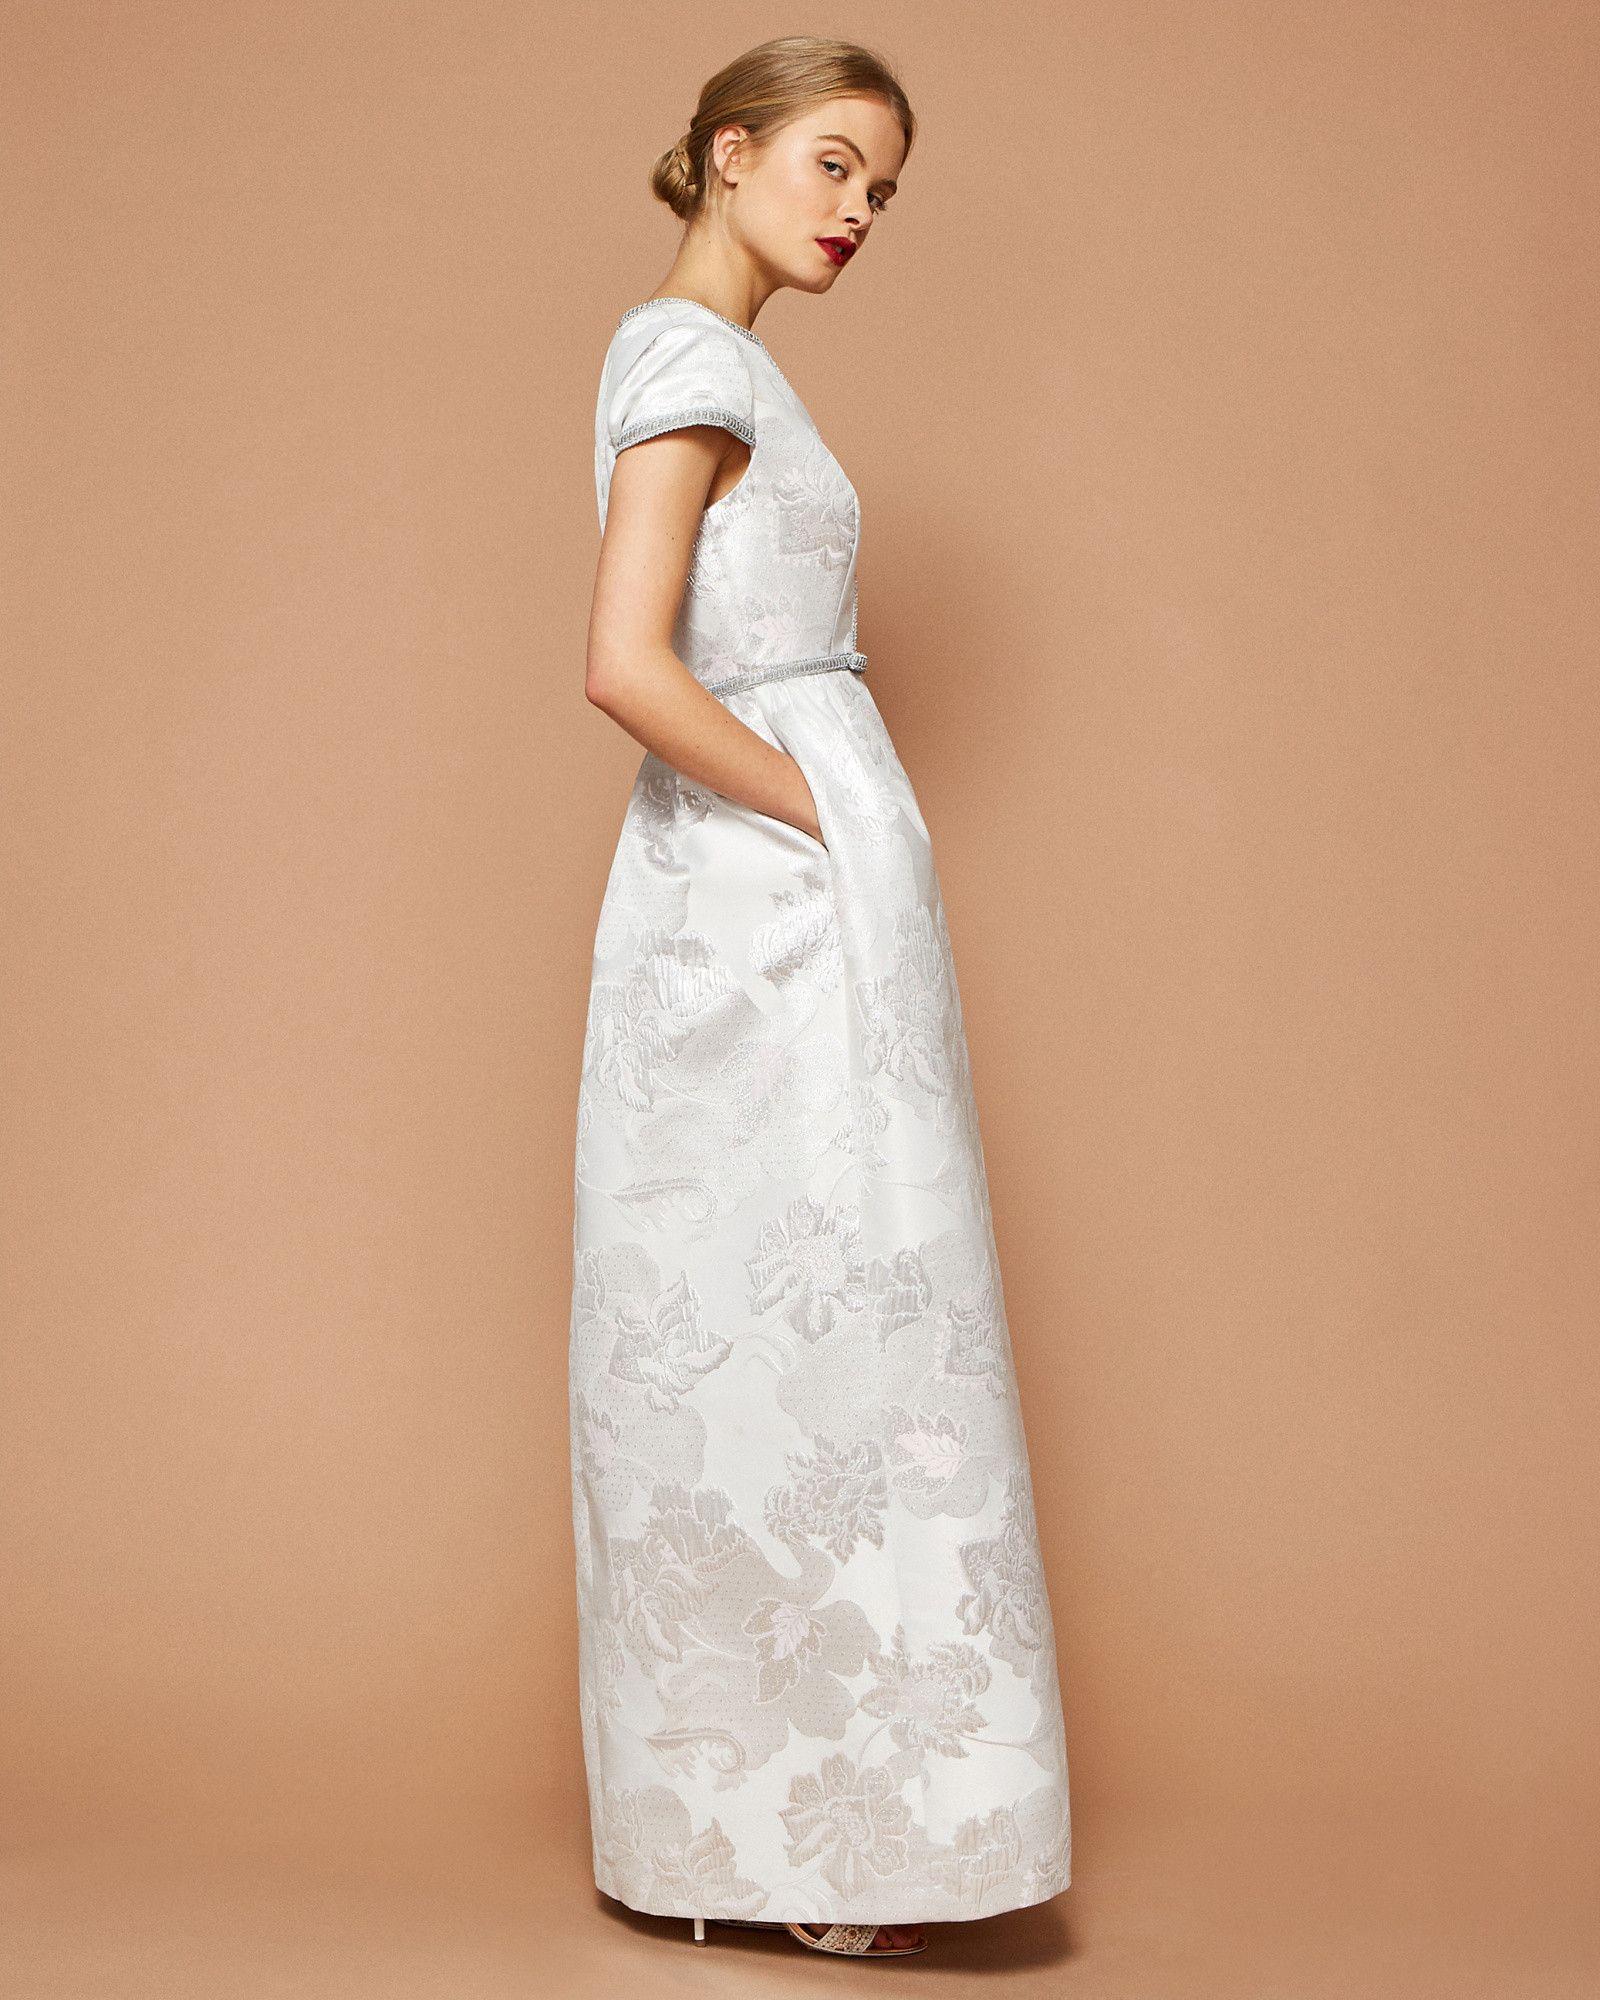 Maxikleid mit Baroque Blossom-Muster - Weiß  Kleider  Ted Baker